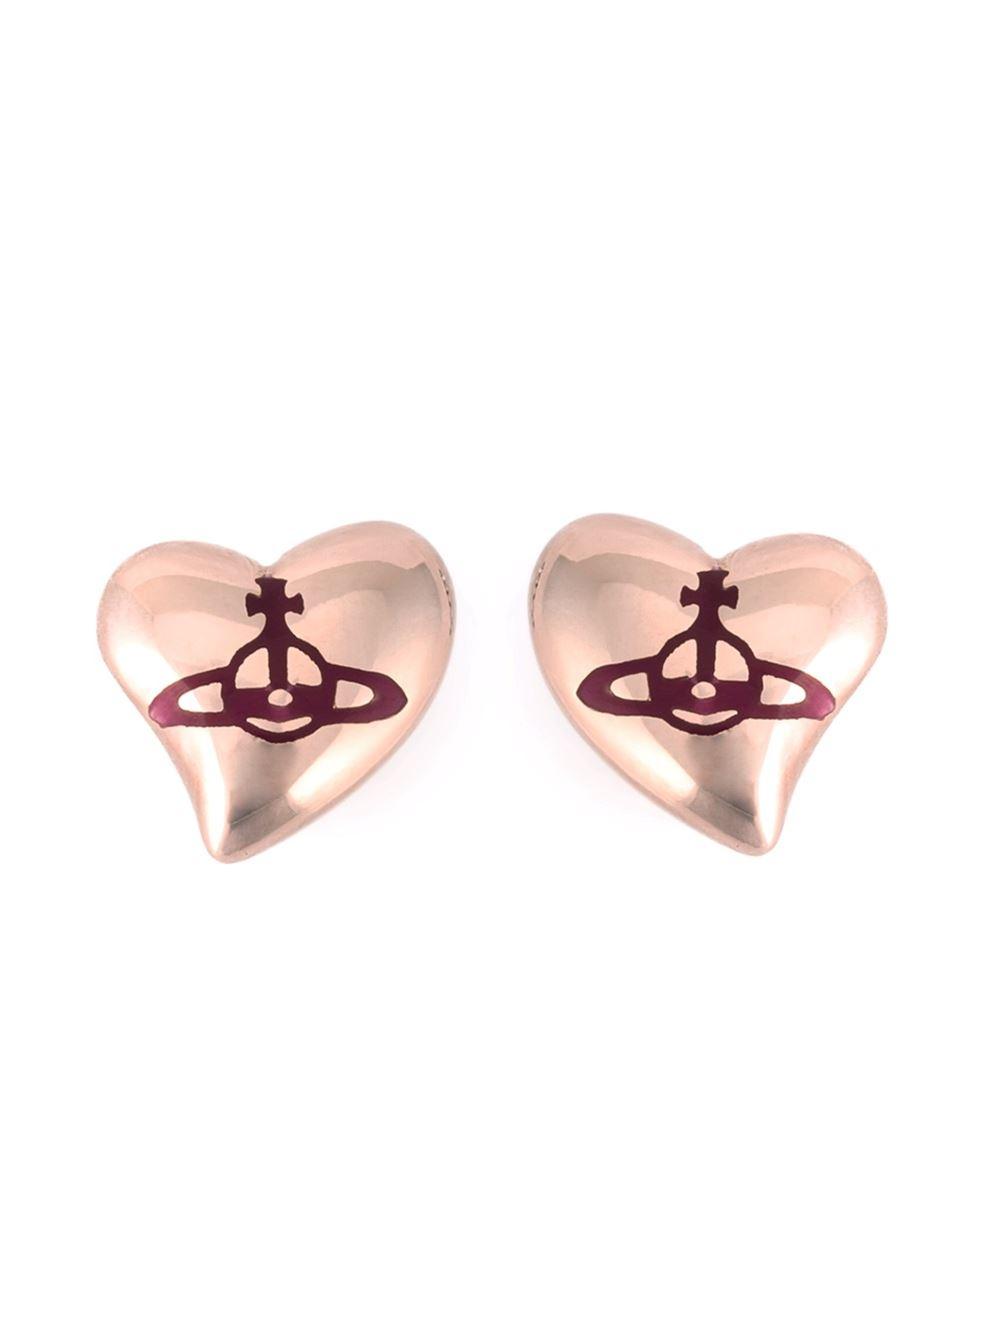 Vivienne Westwood heart earrings - Metallic boluqBh6gG